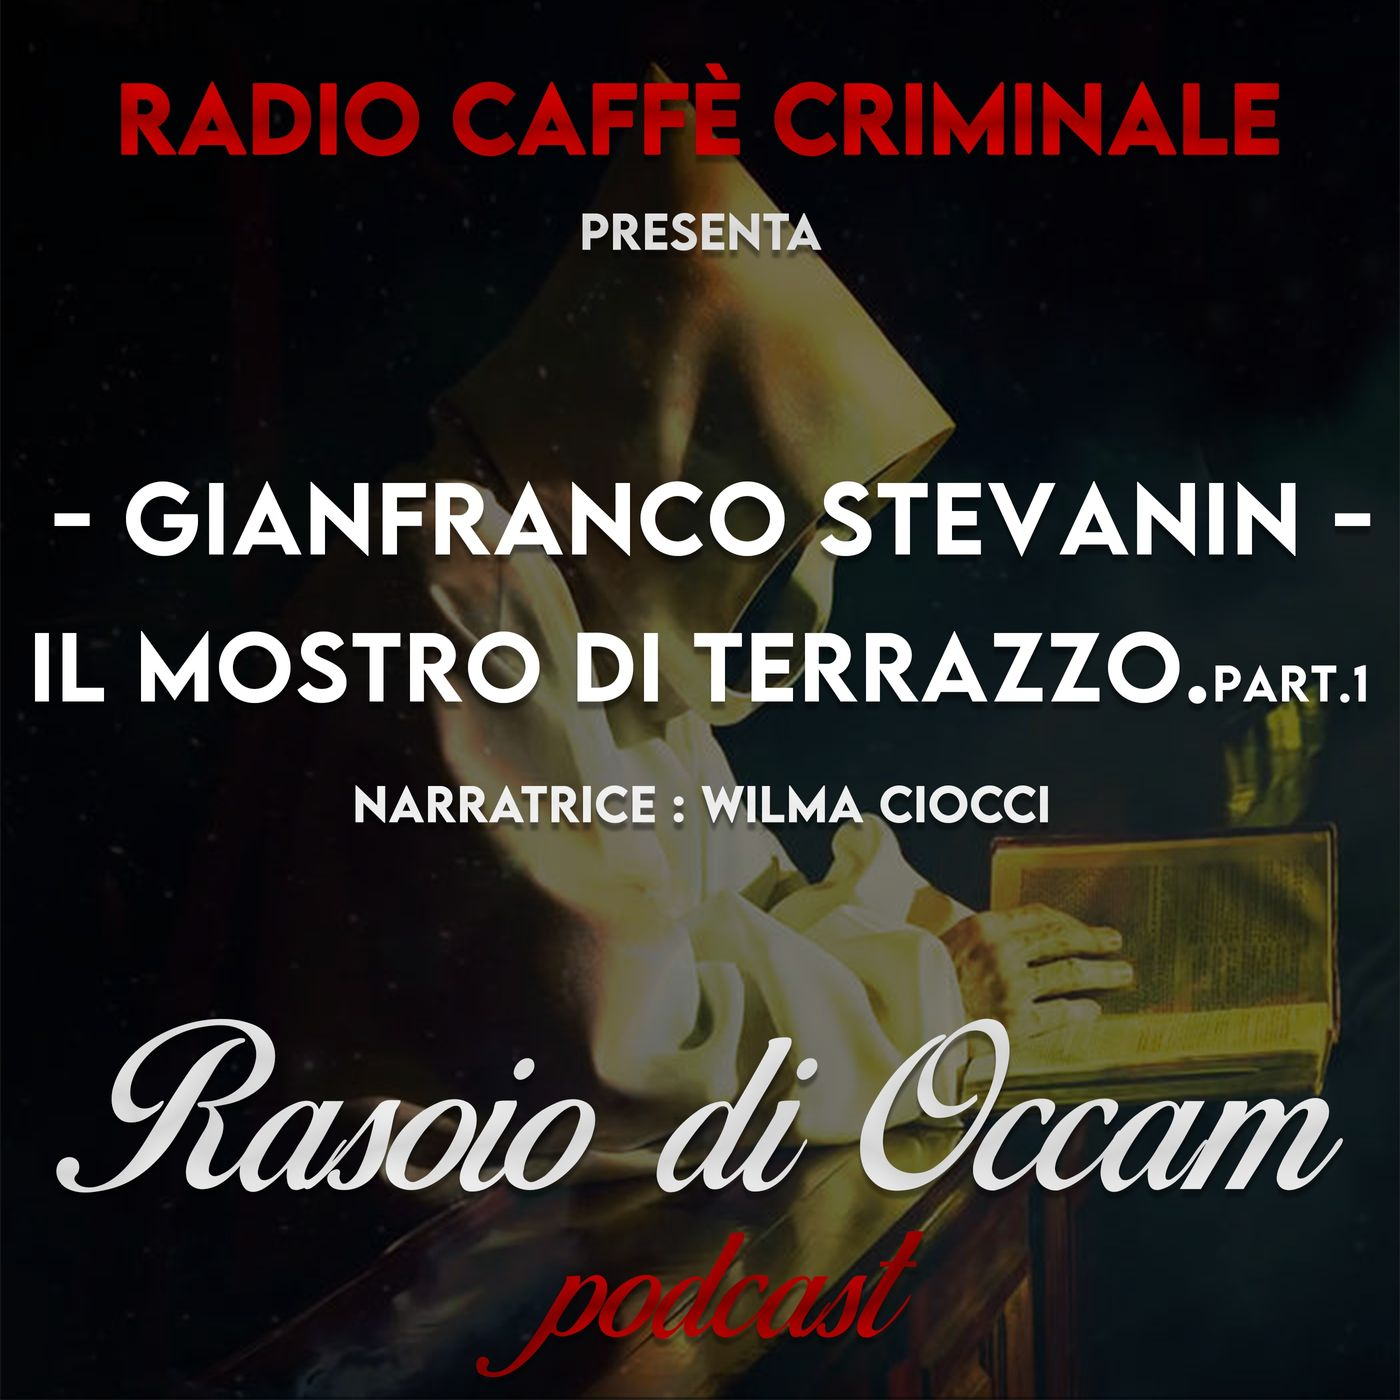 Gianfranco Stevanin, Il Mostro di Terrazzo. Part 1/2